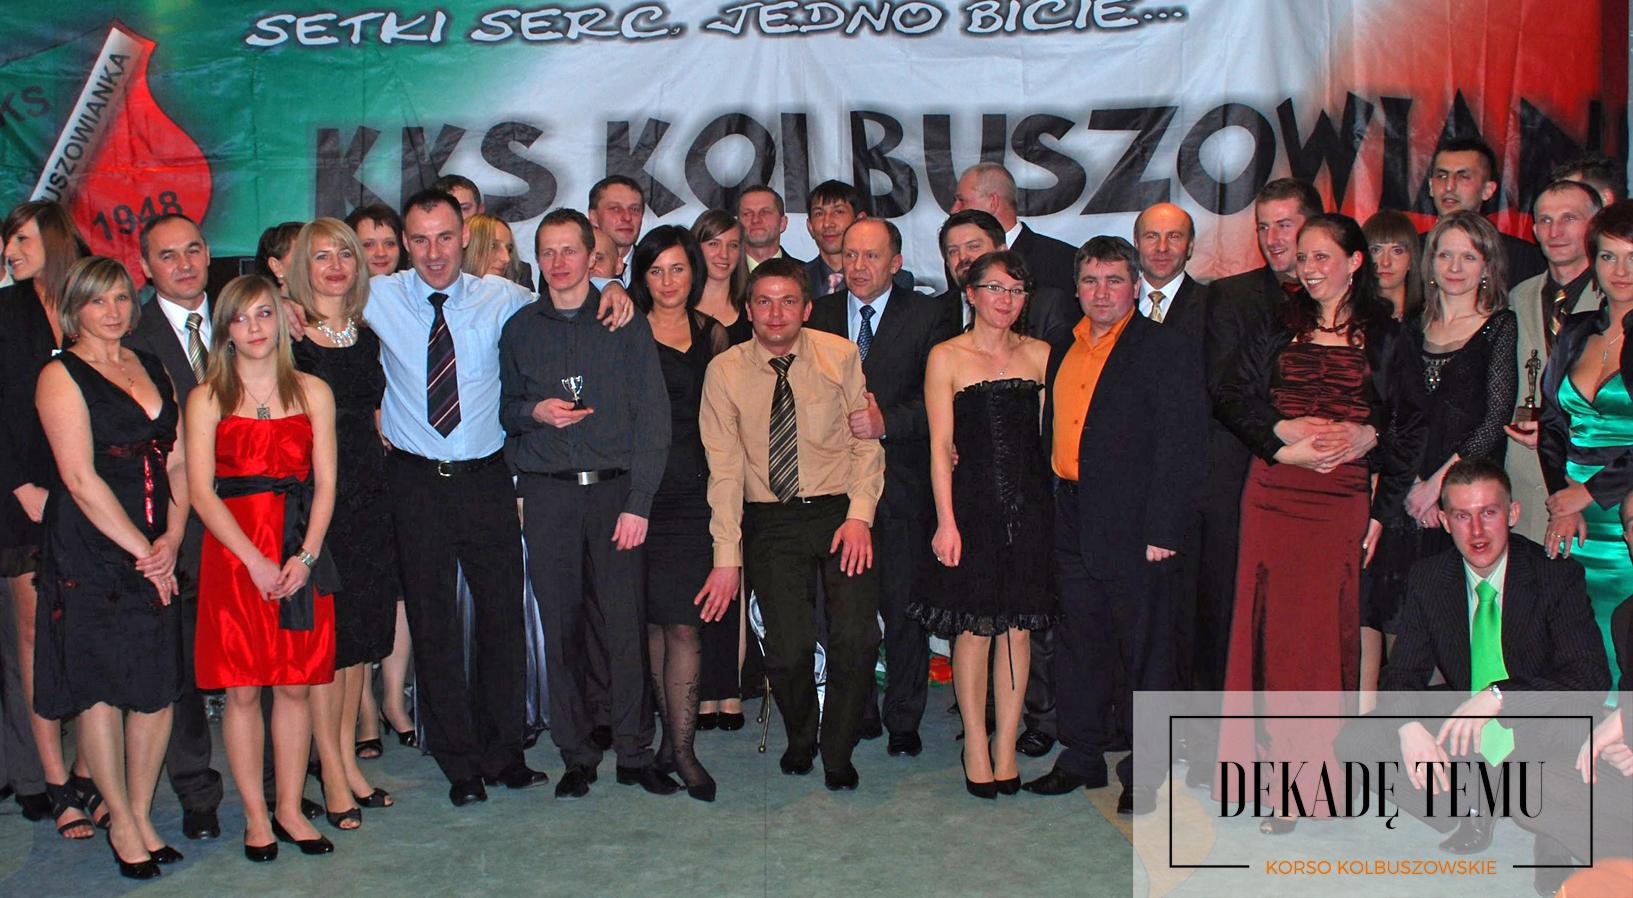 DEKADĘ TEMU. Bal Sportowca Roku 2008 w Kolbuszowej [FOTO] - Zdjęcie główne